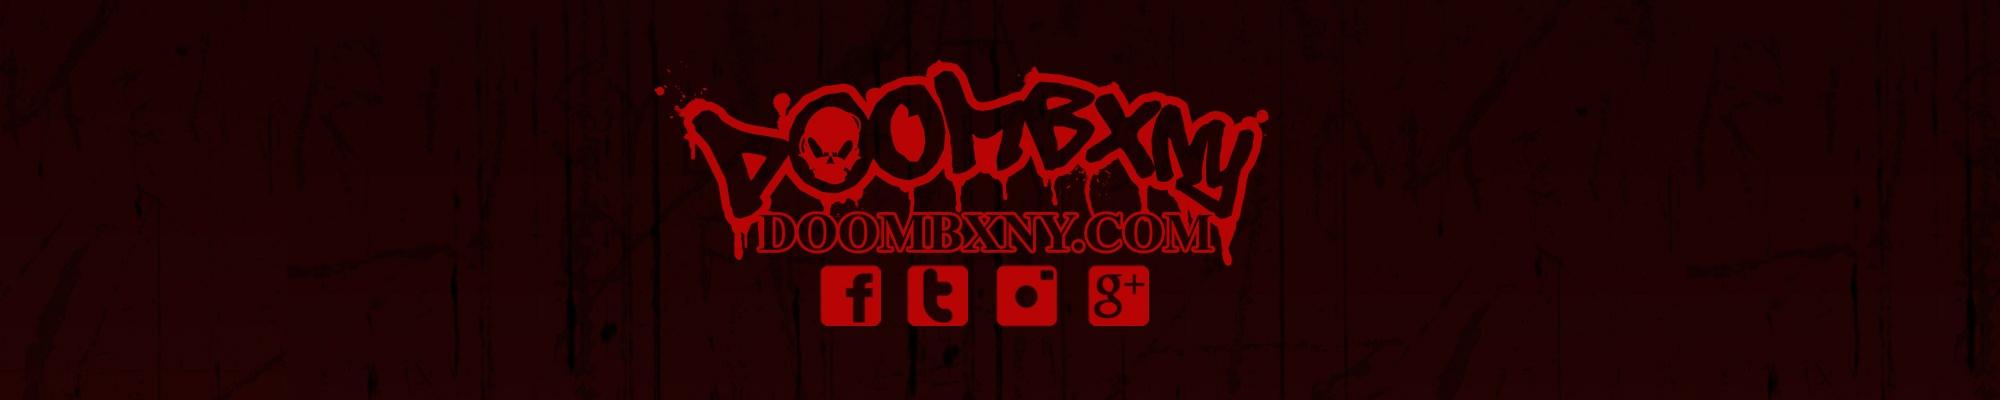 doombxny Cover